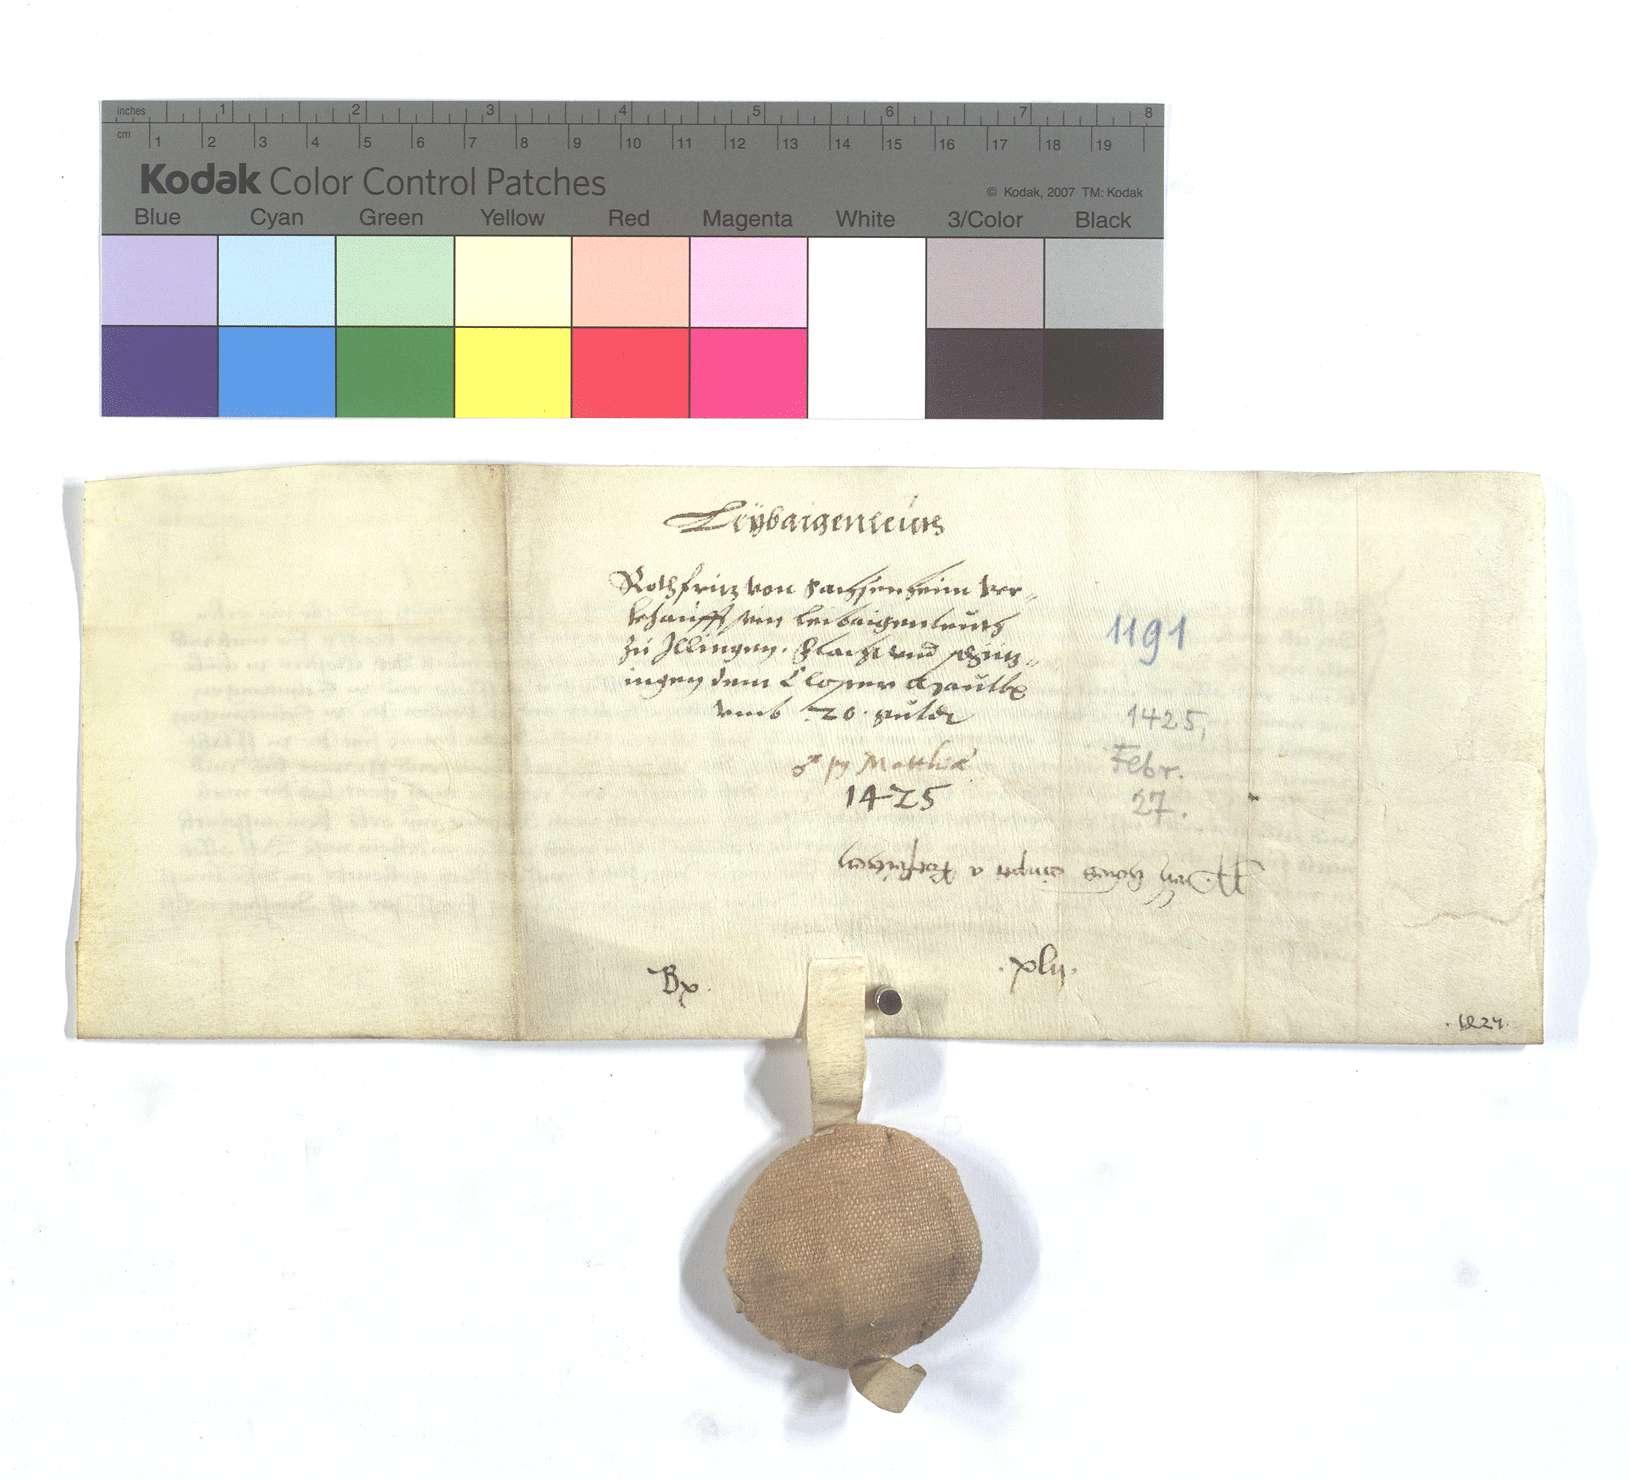 Fertigung des Fritz von Sachsenheim, genannt Rotfritz, um etliche Leibeigene in Illingen, Flacht und Schützingen (Schüzingen)., Rückseite